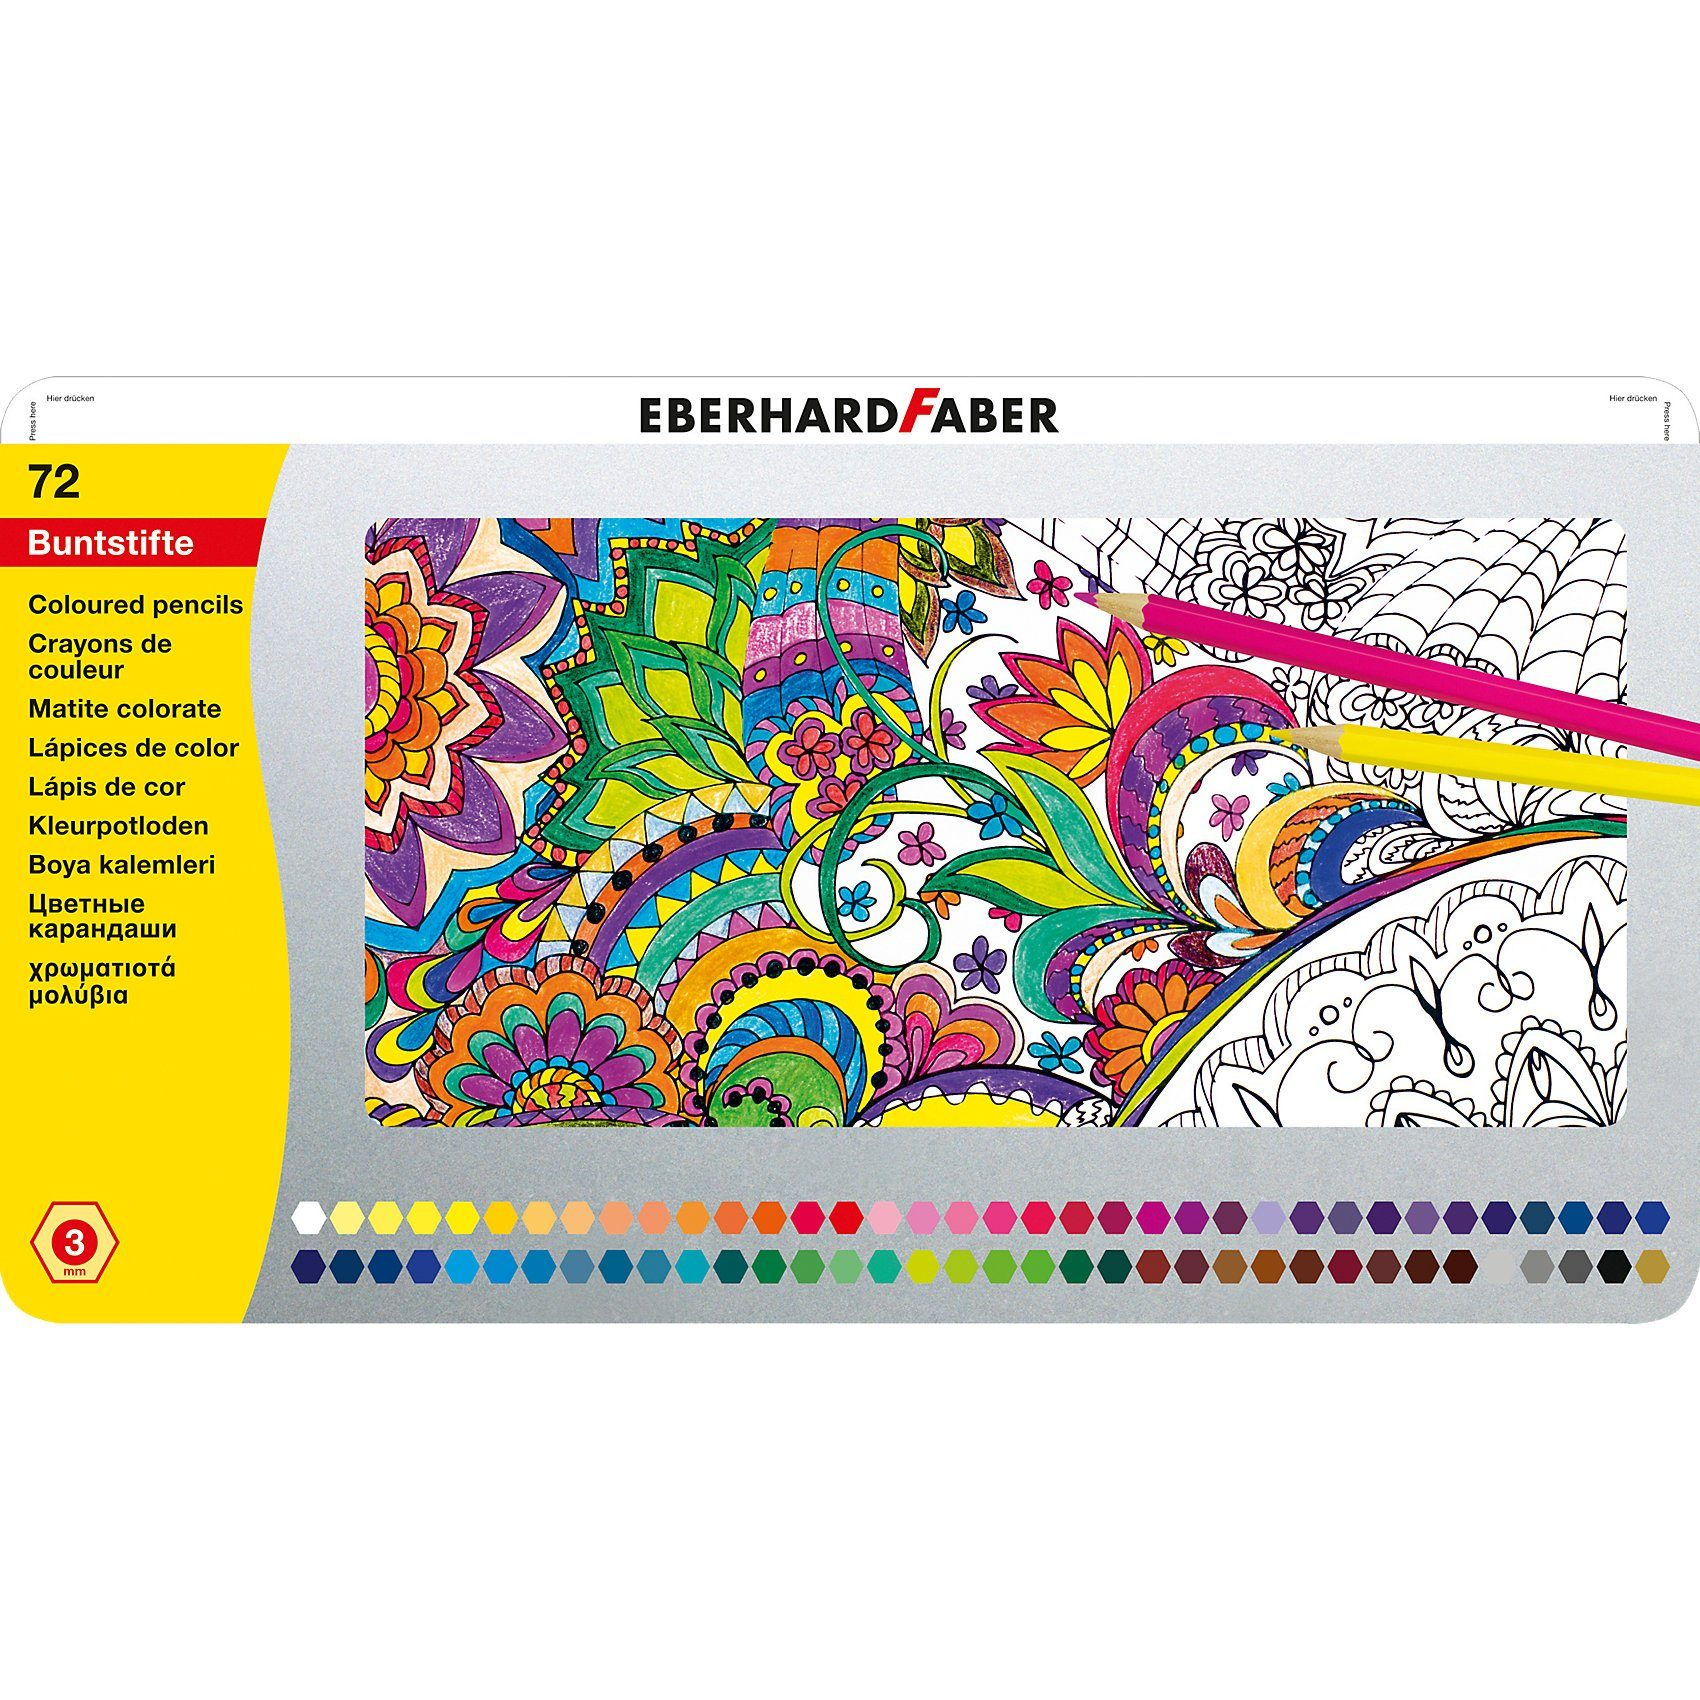 Eberhard Faber Buntstifte im Metalletui, 72 Farben